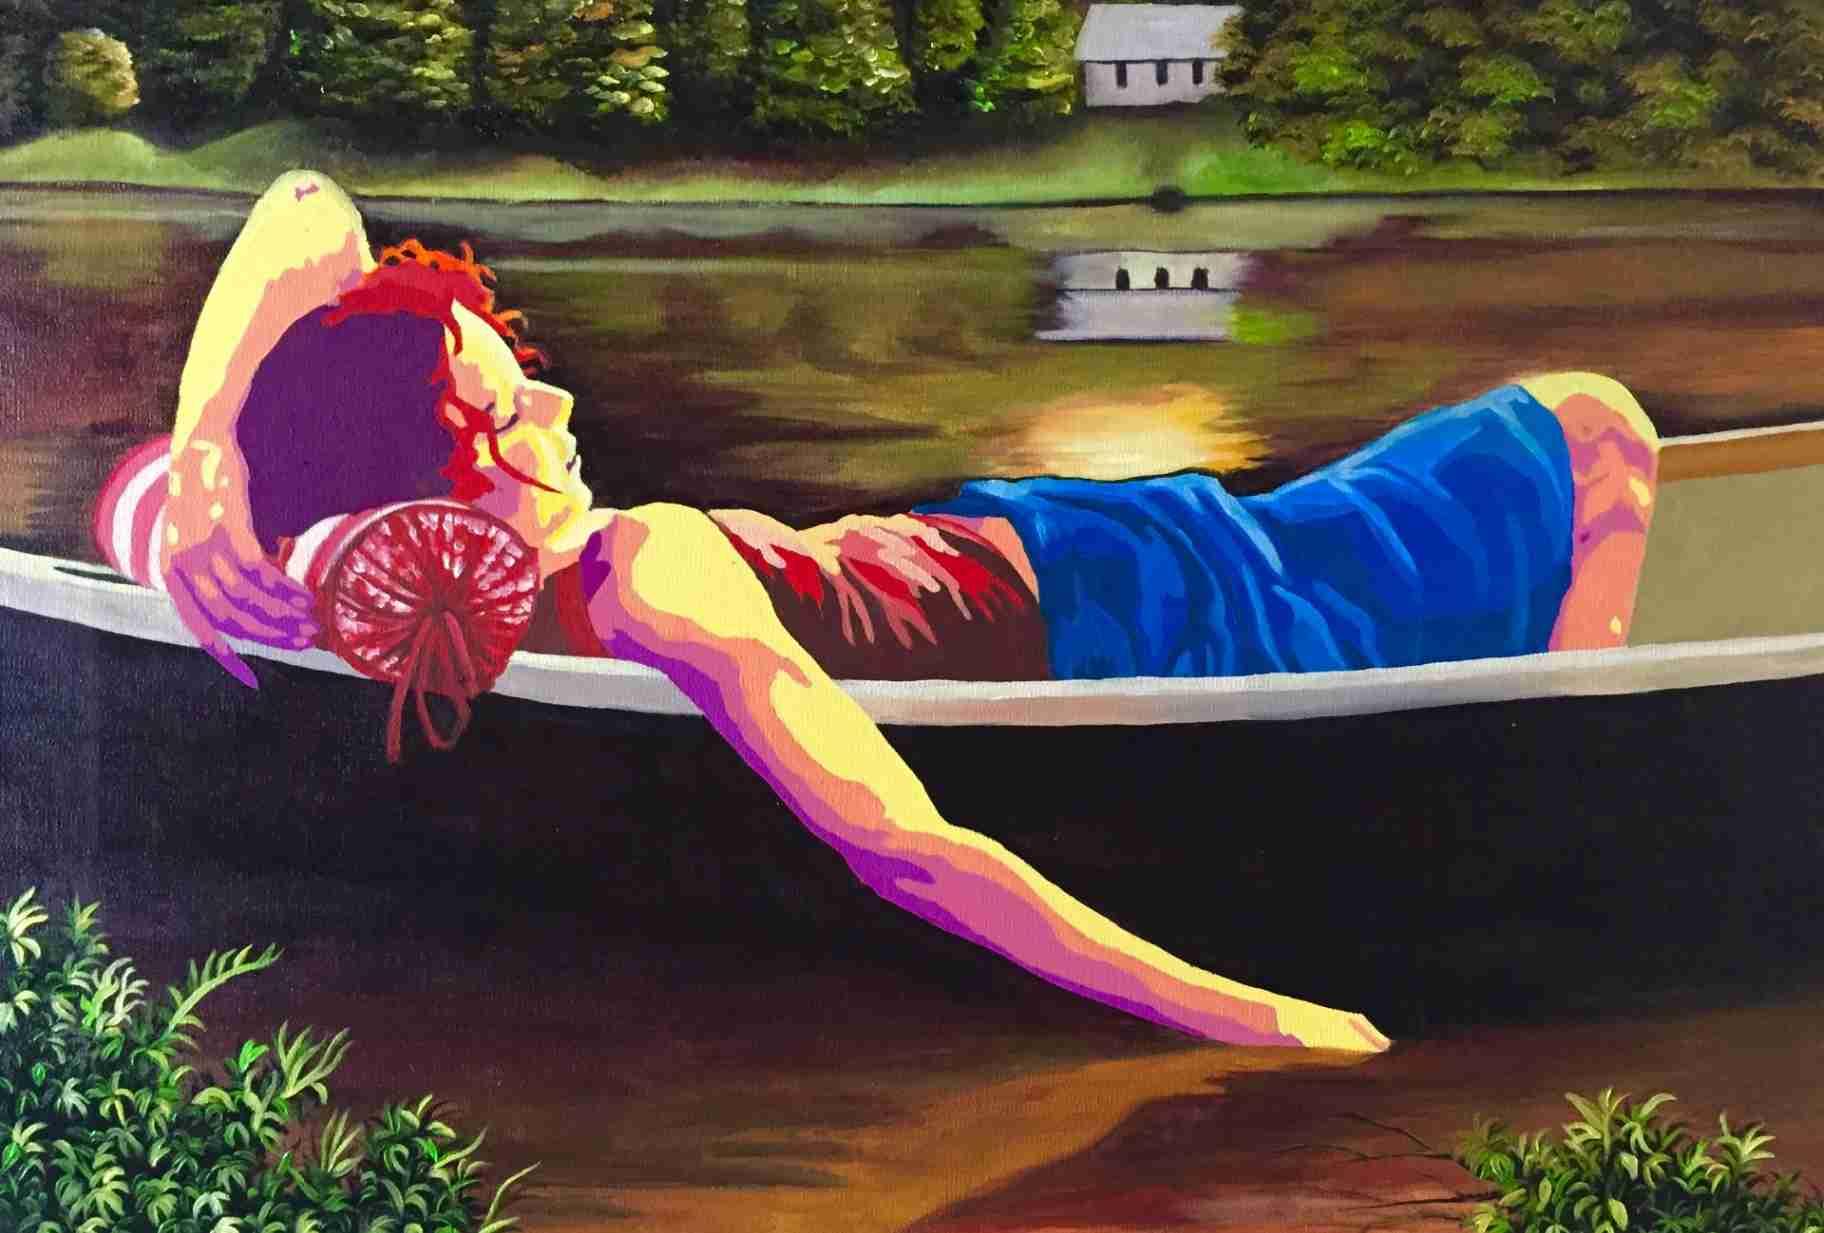 Obra: La siesta